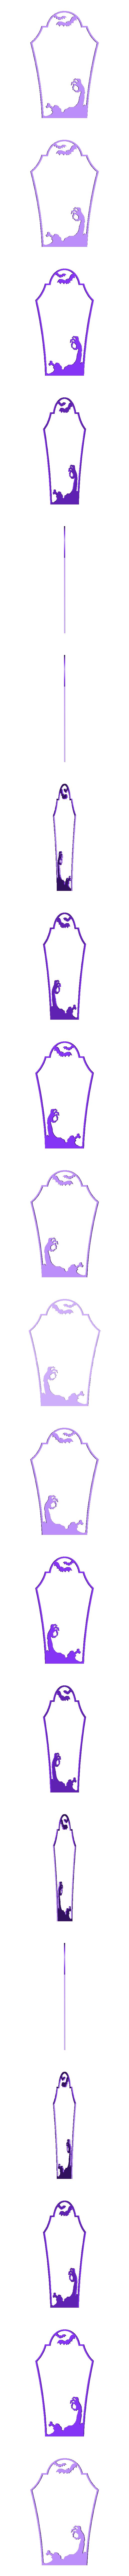 Layer_5_HAND_and_BATS.stl Descargar archivo STL gratis HALLOWEEN Profundidad Silueta Lápida • Diseño para impresión en 3D, Grafit